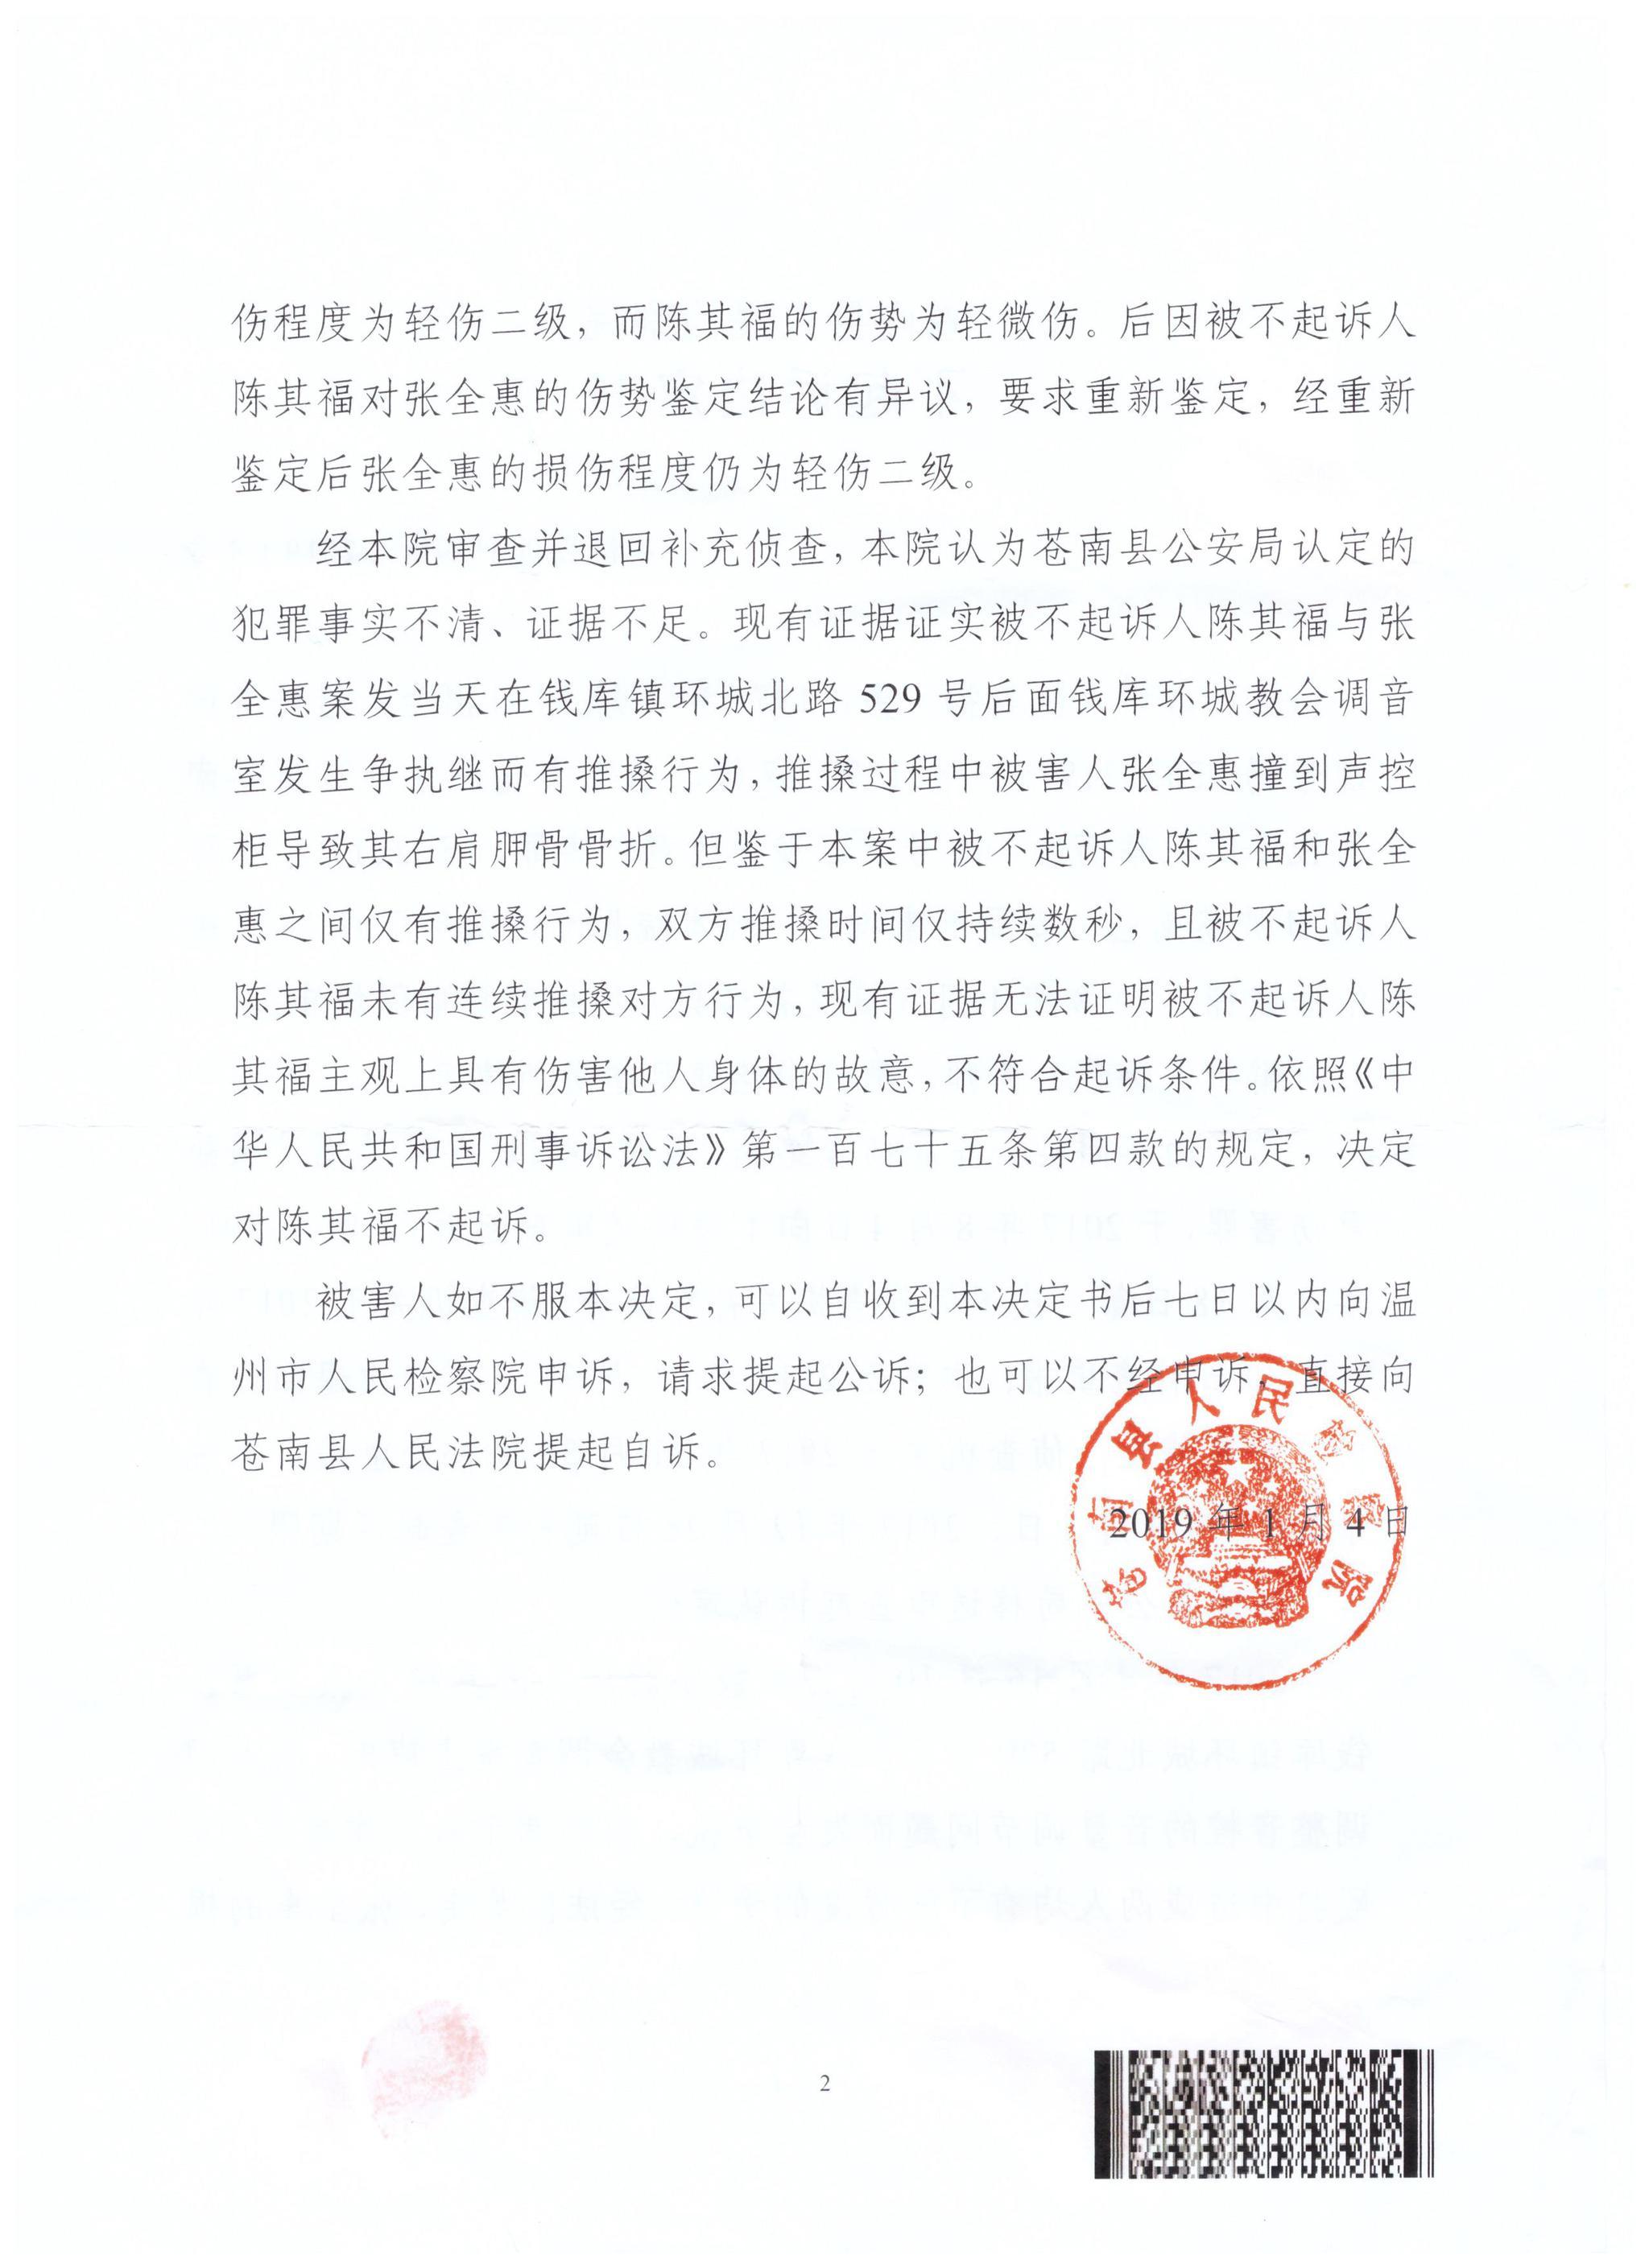 苍南县检察院的不起诉决定书。受访者供图